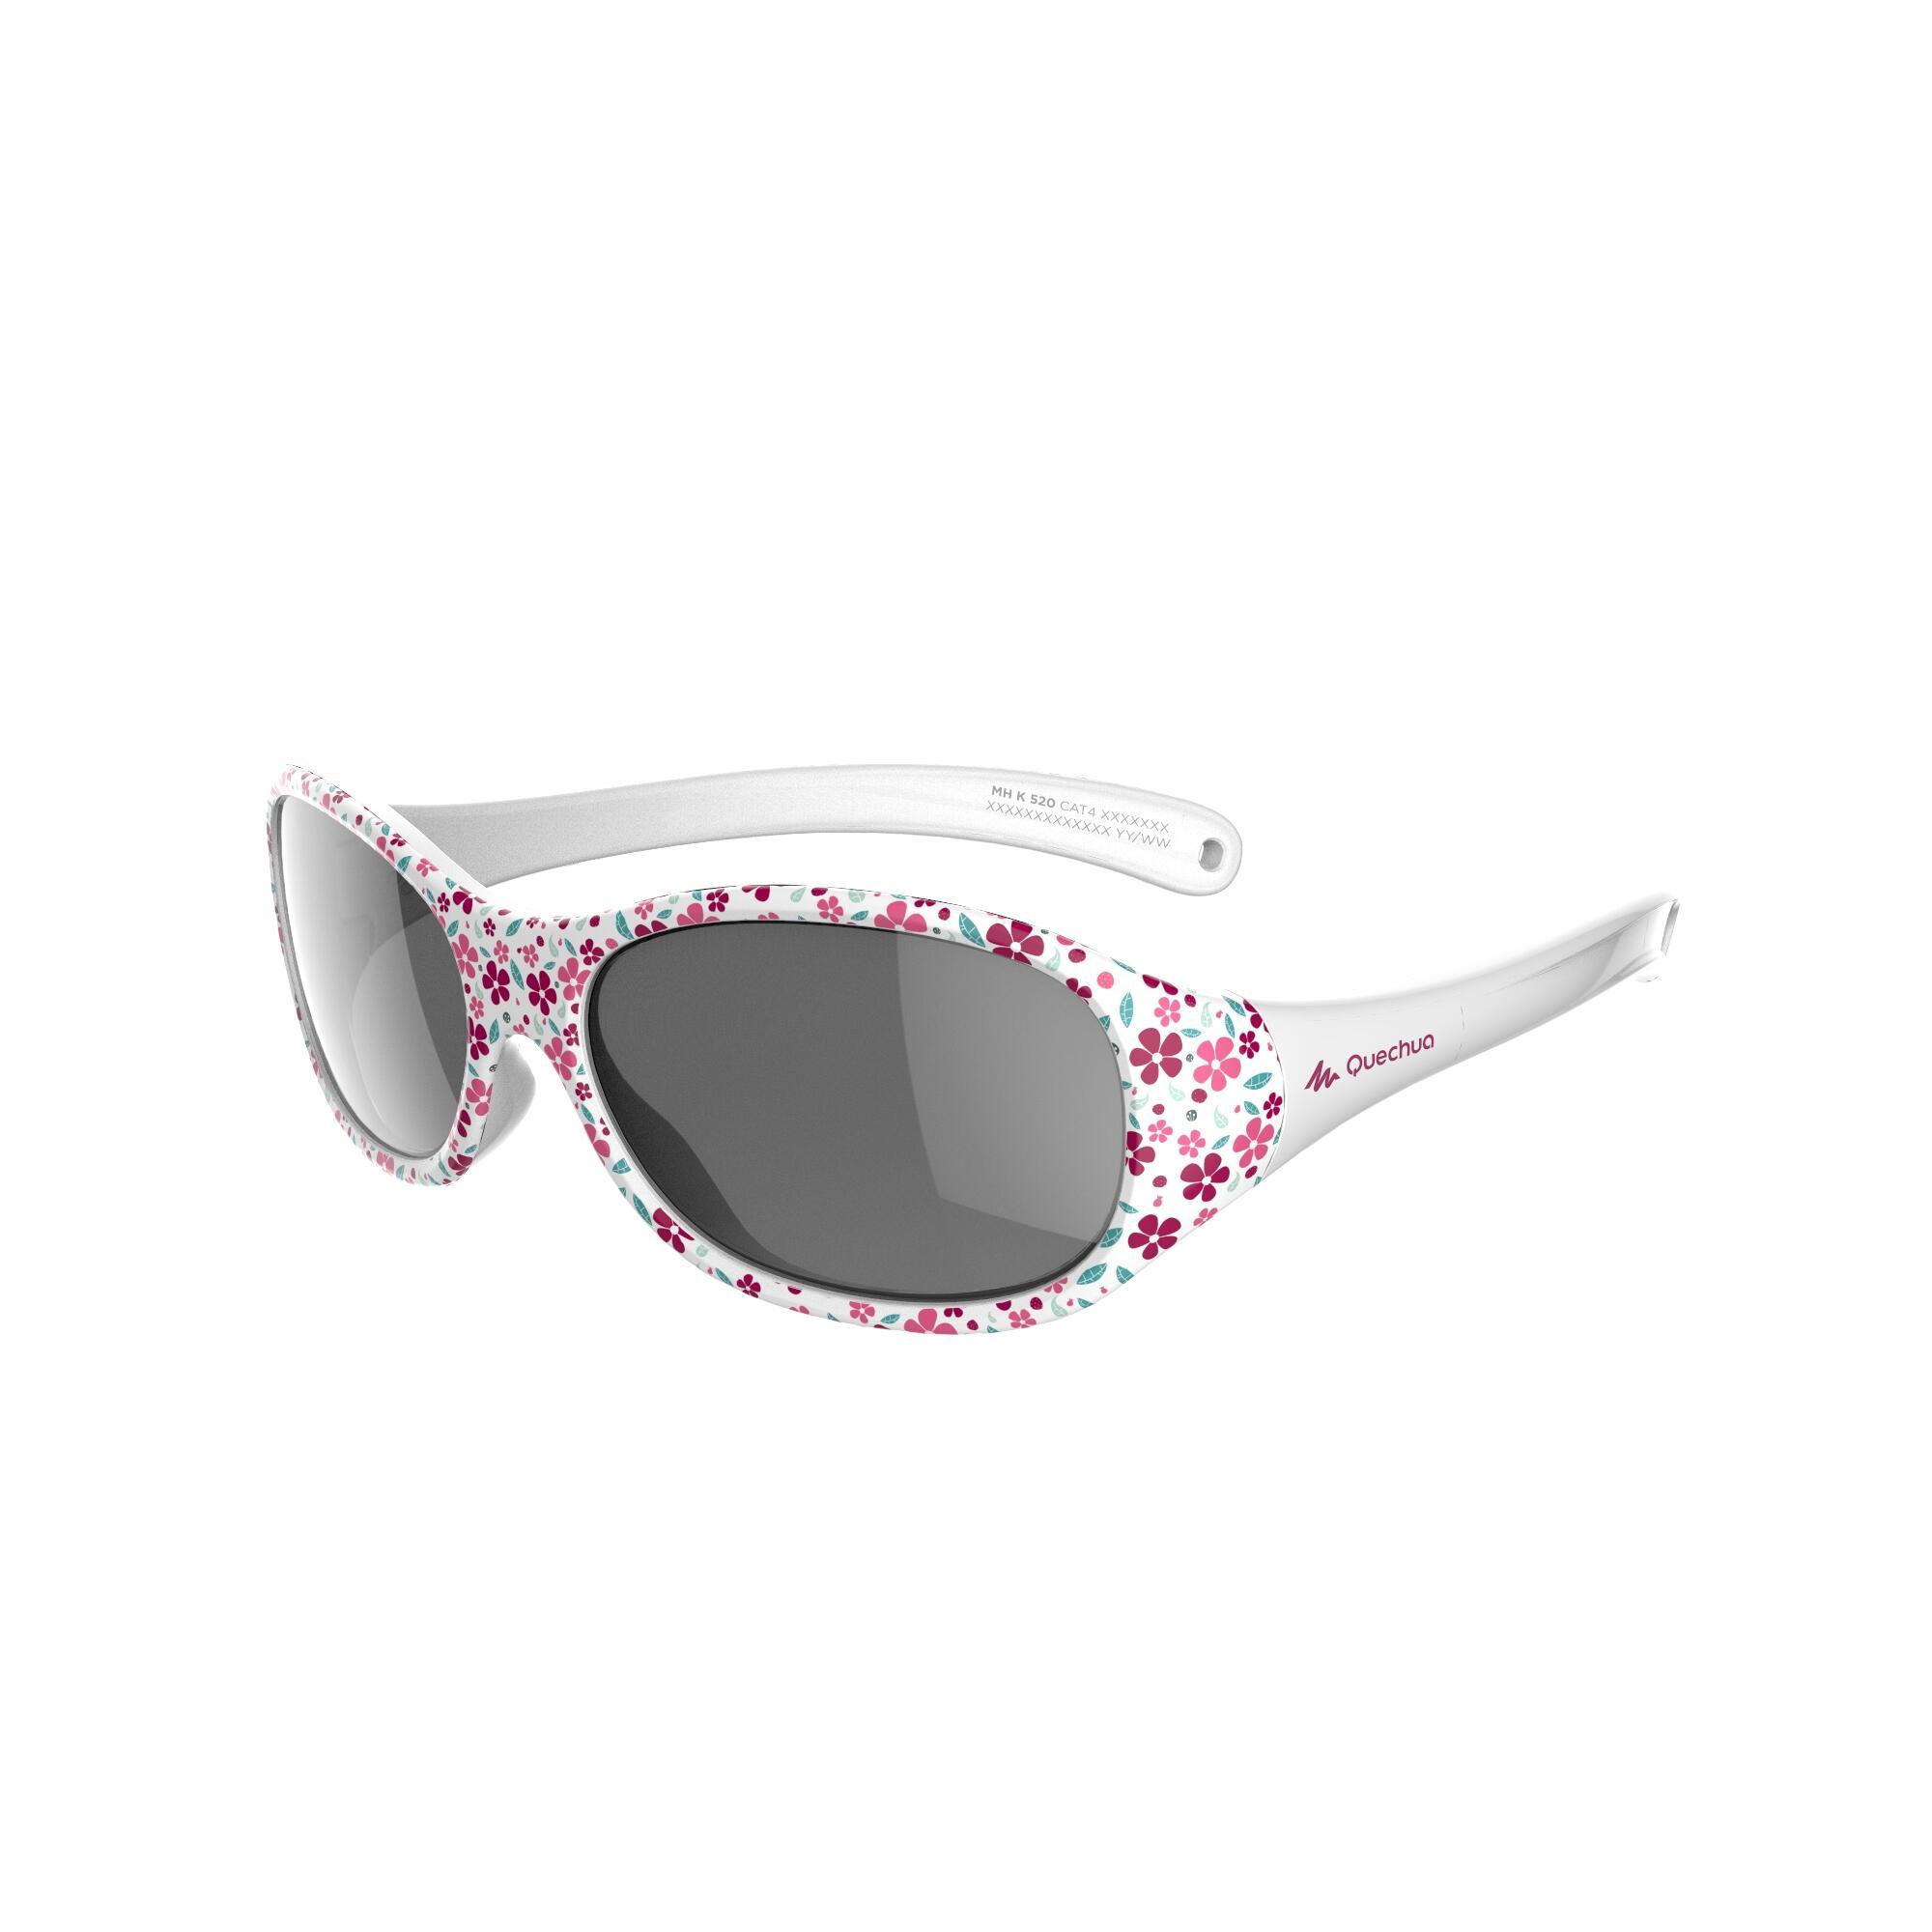 b0e48b1f31 Gafas de sol de senderismo niños 2-4 años MH K120 flores rosas categoría 4  Quechua | Decathlon